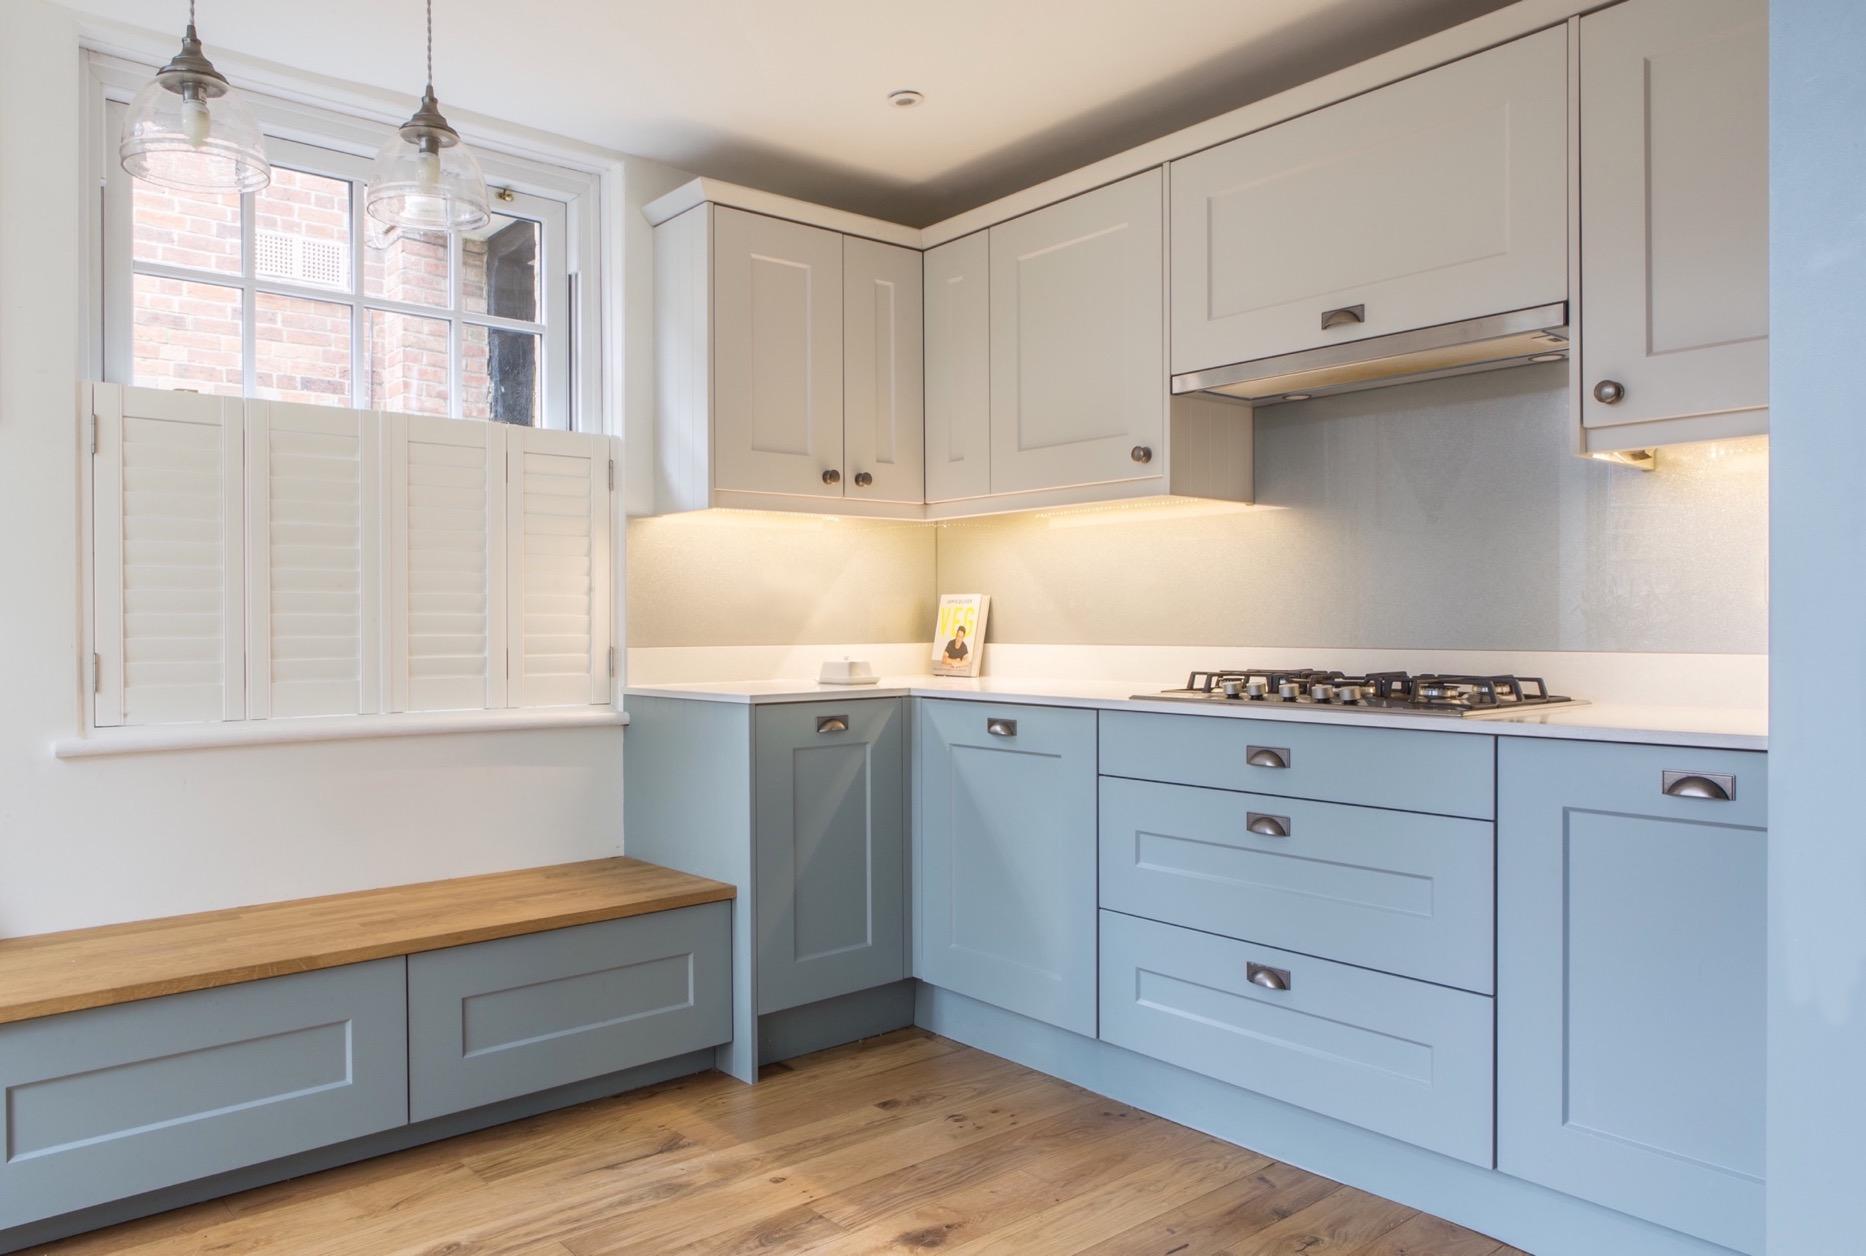 clever kitchen corner storage magic corner thame bespoke kitchen design oxfordshire 2